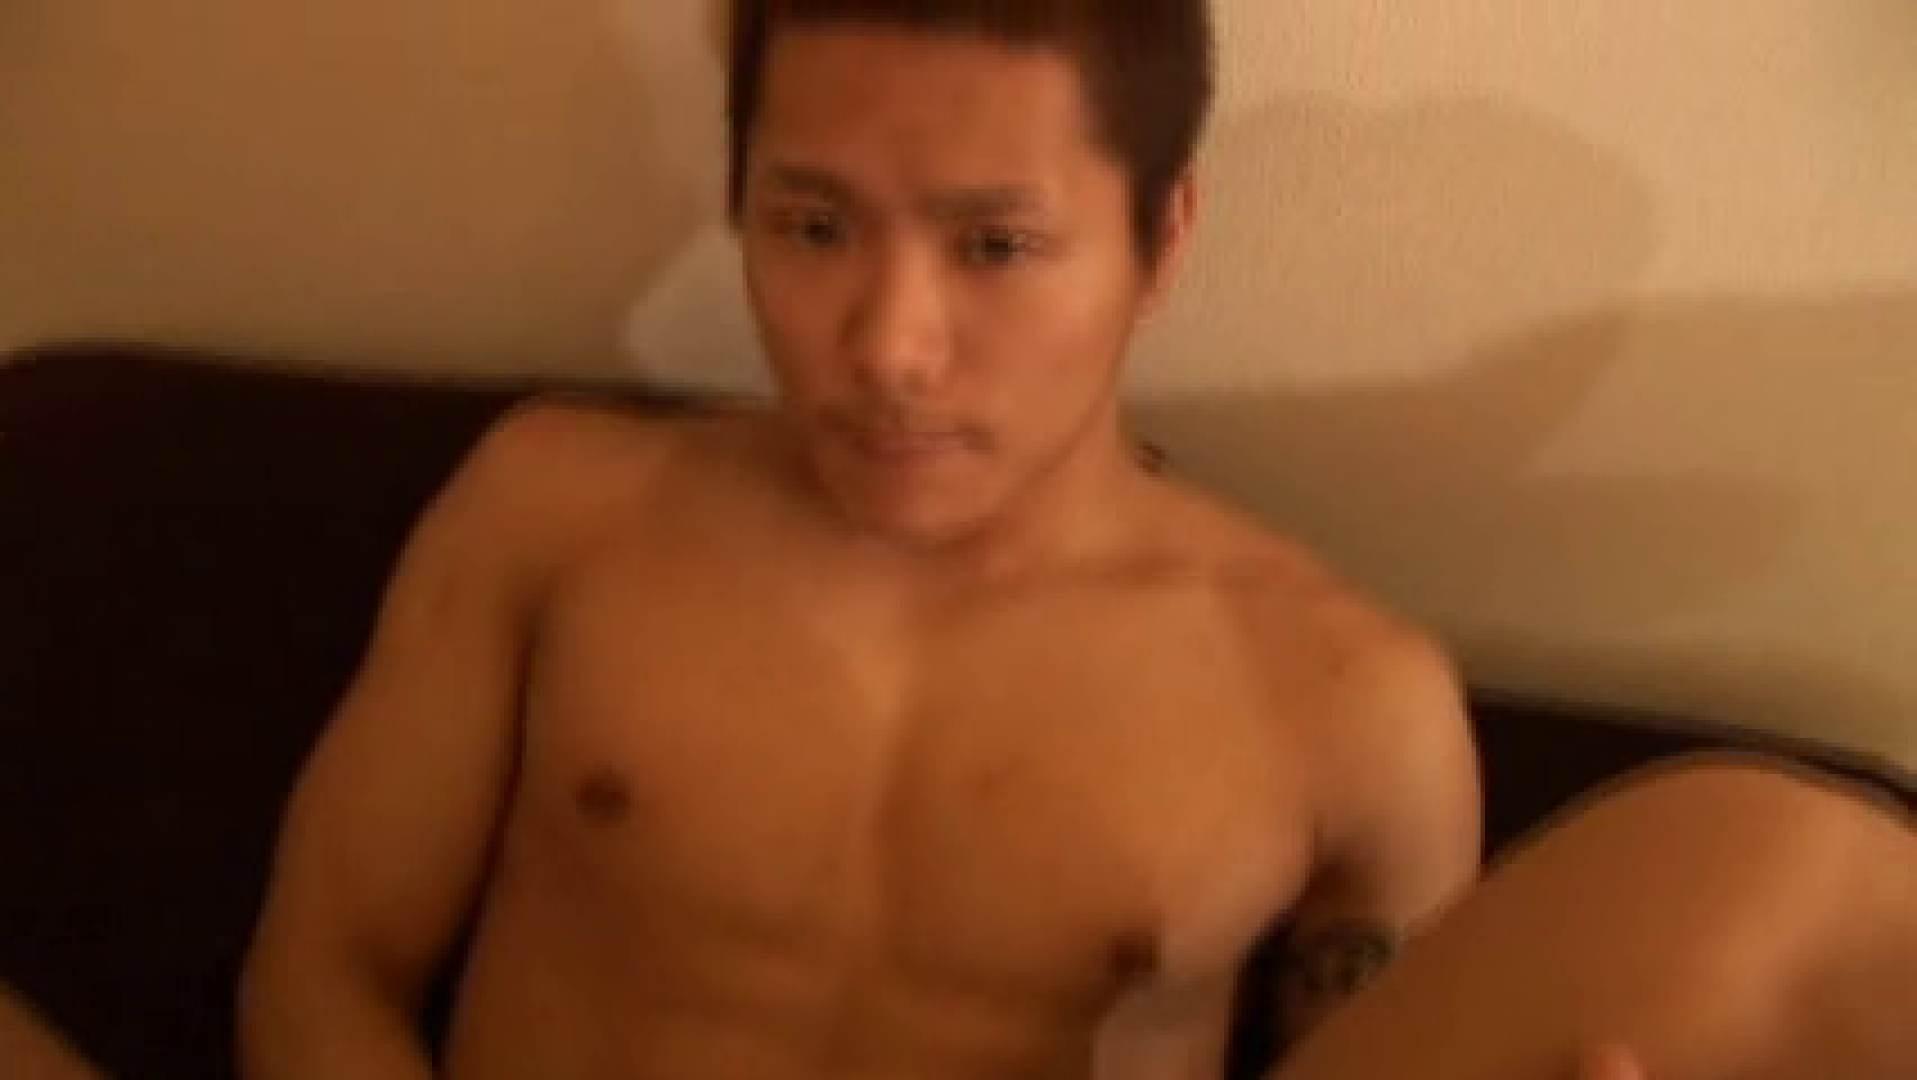 イケメン!!炸裂 Muscle  Stick!! その3 お手で! ゲイ無修正画像 100pic 50